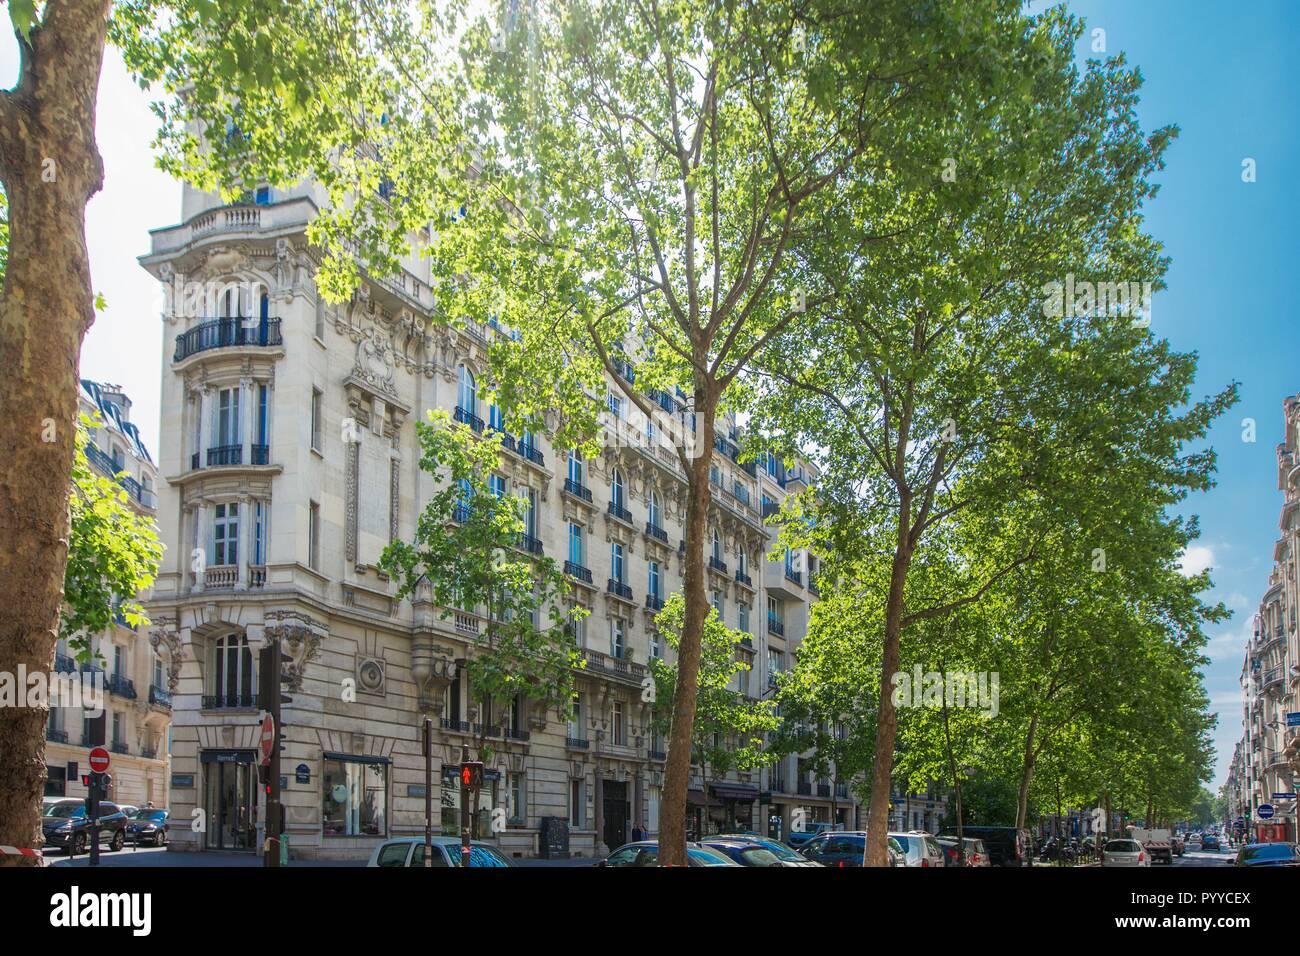 France, Ile de France, Paris 7ème arrondissement, Paris, 17 boulevard Raspail, post-haussmanniens, bâtiment en pierre de taille, Banque D'Images